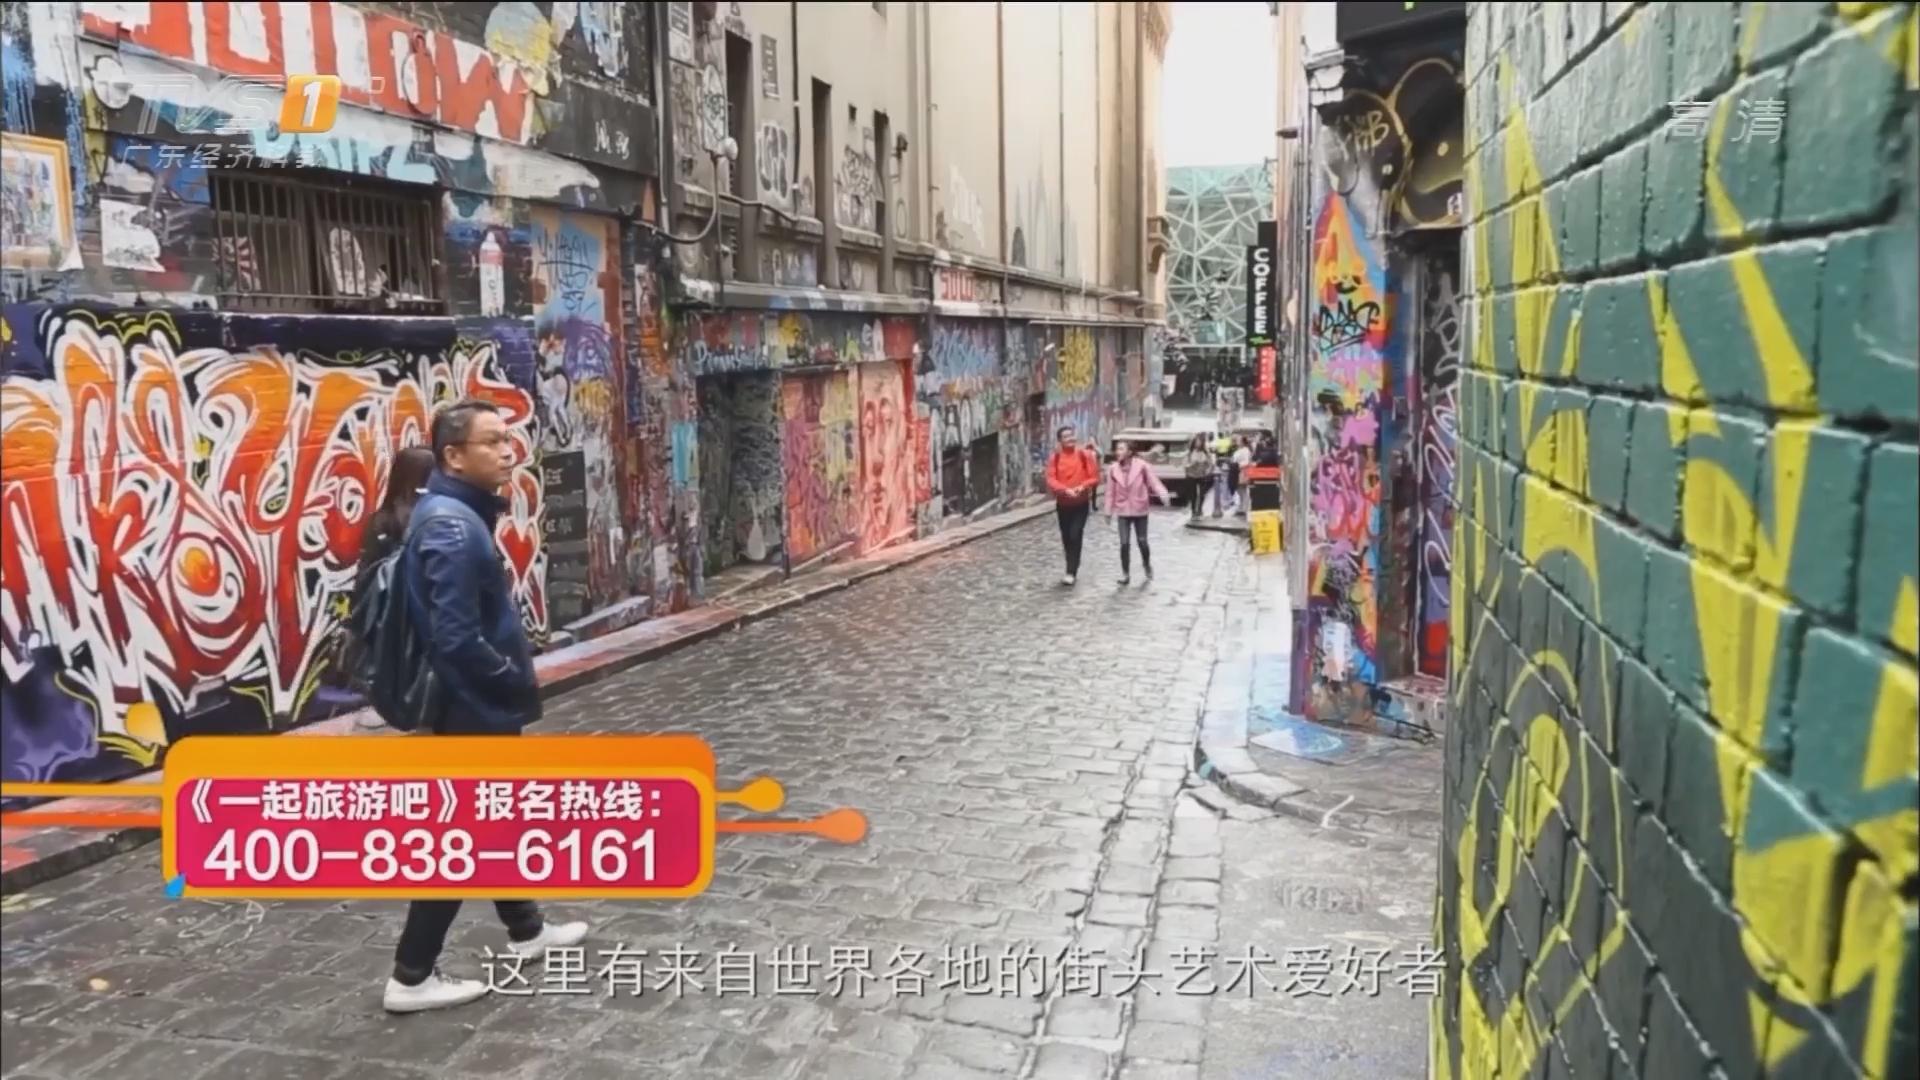 澳大利亚——涂鸦街